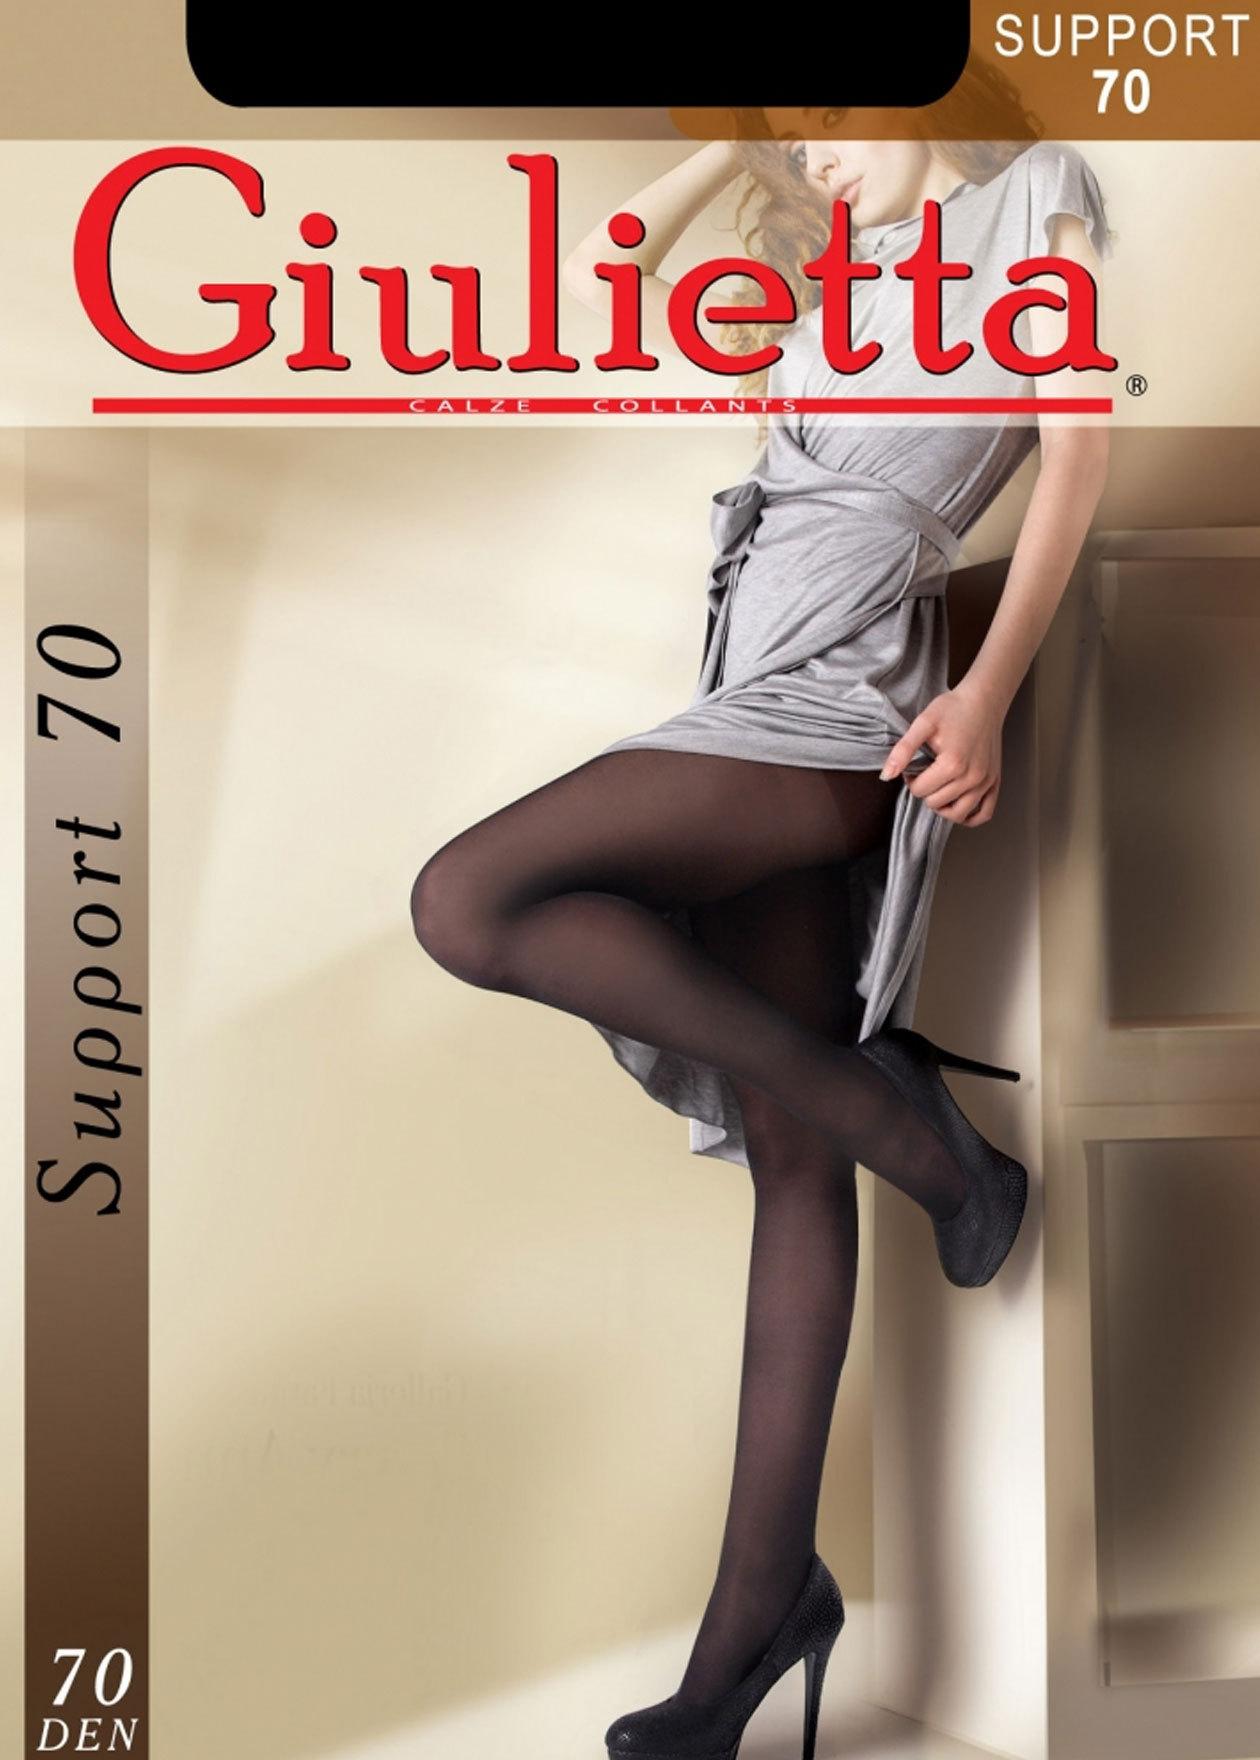 Колготки Giulietta Support 70